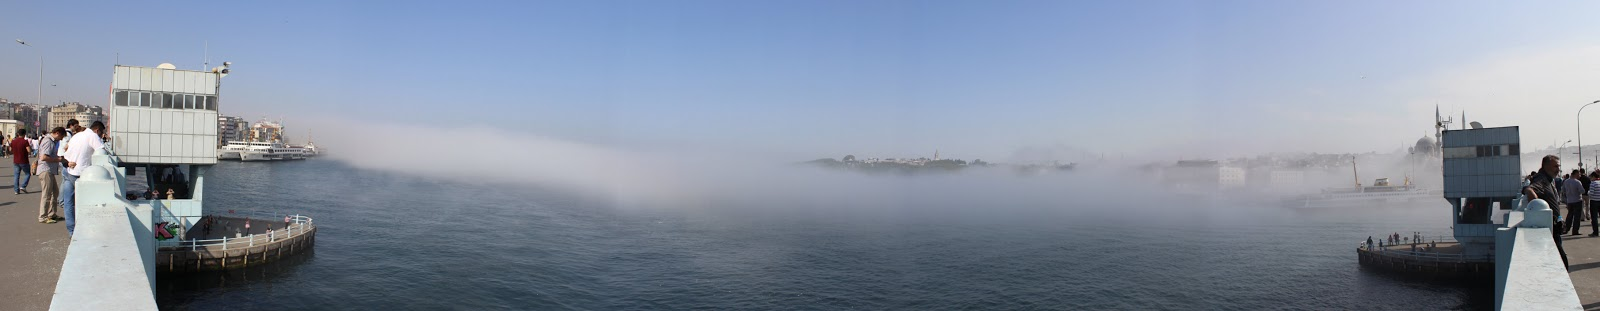 istanbul sis altında